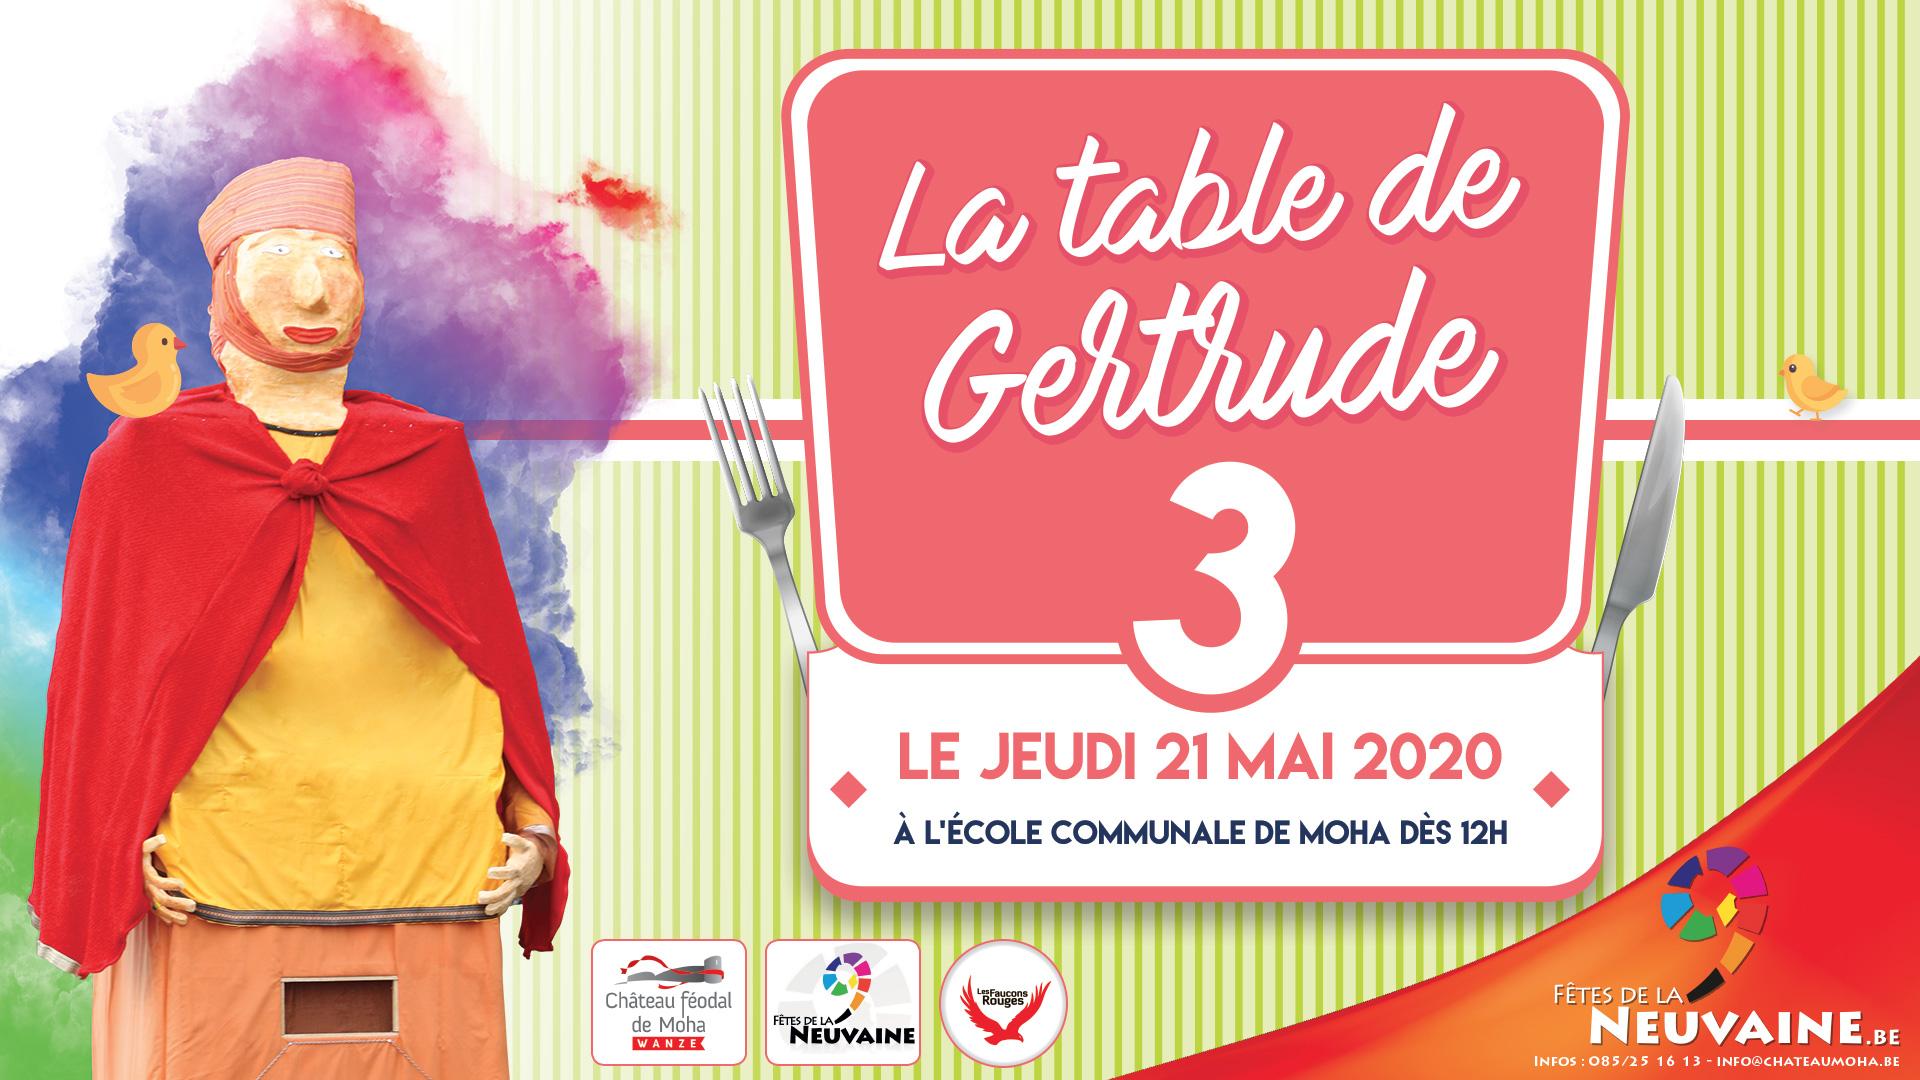 La table de Gertrude